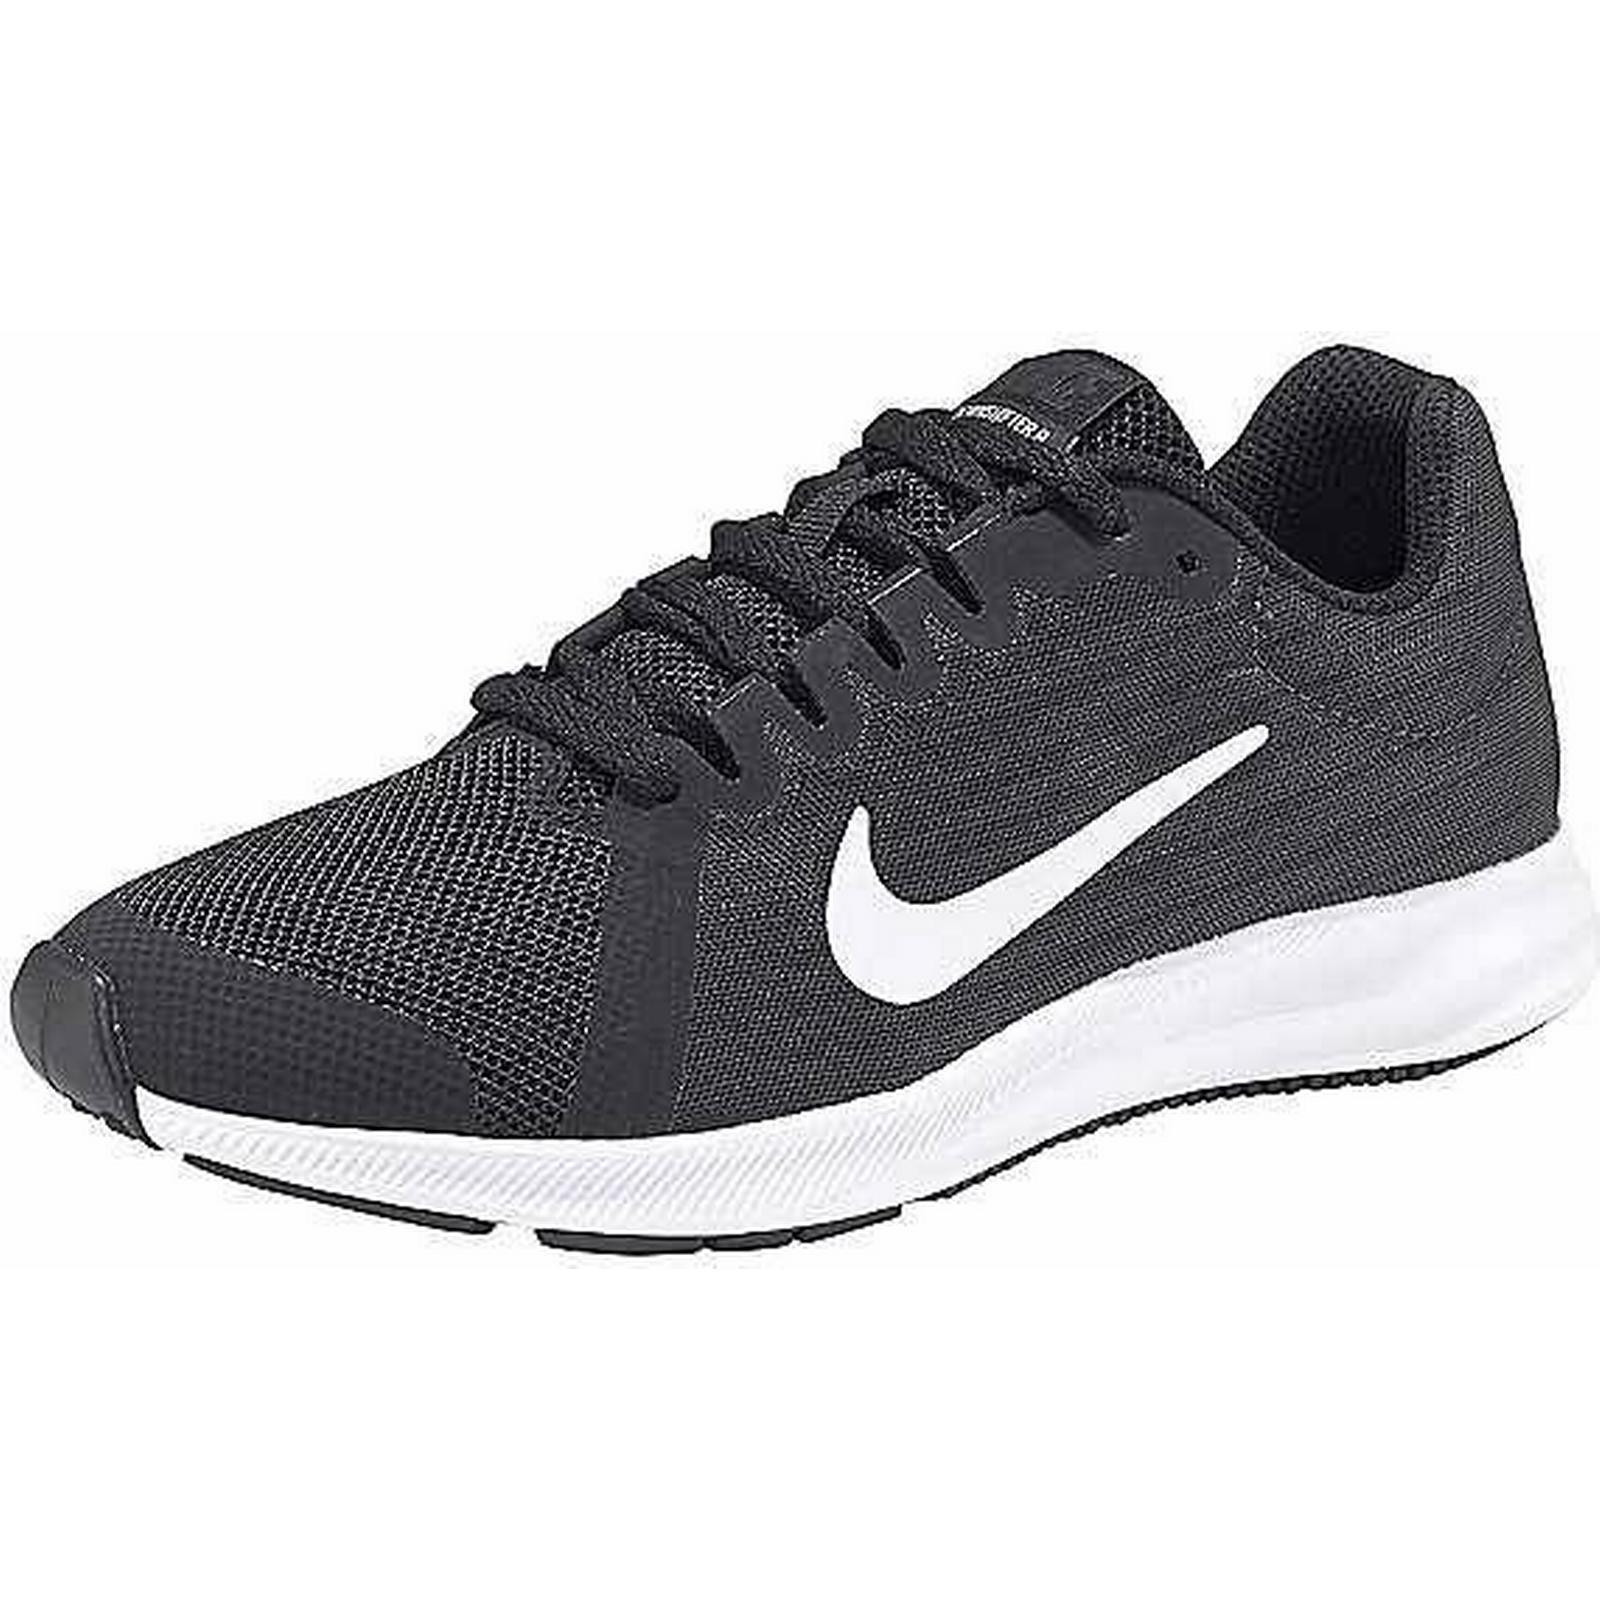 Nike Downshifter 8 Running Shoes Nike:Gentlemen/Ladies:Shopkeeper by Nike:Gentlemen/Ladies:Shopkeeper Shoes d696ca